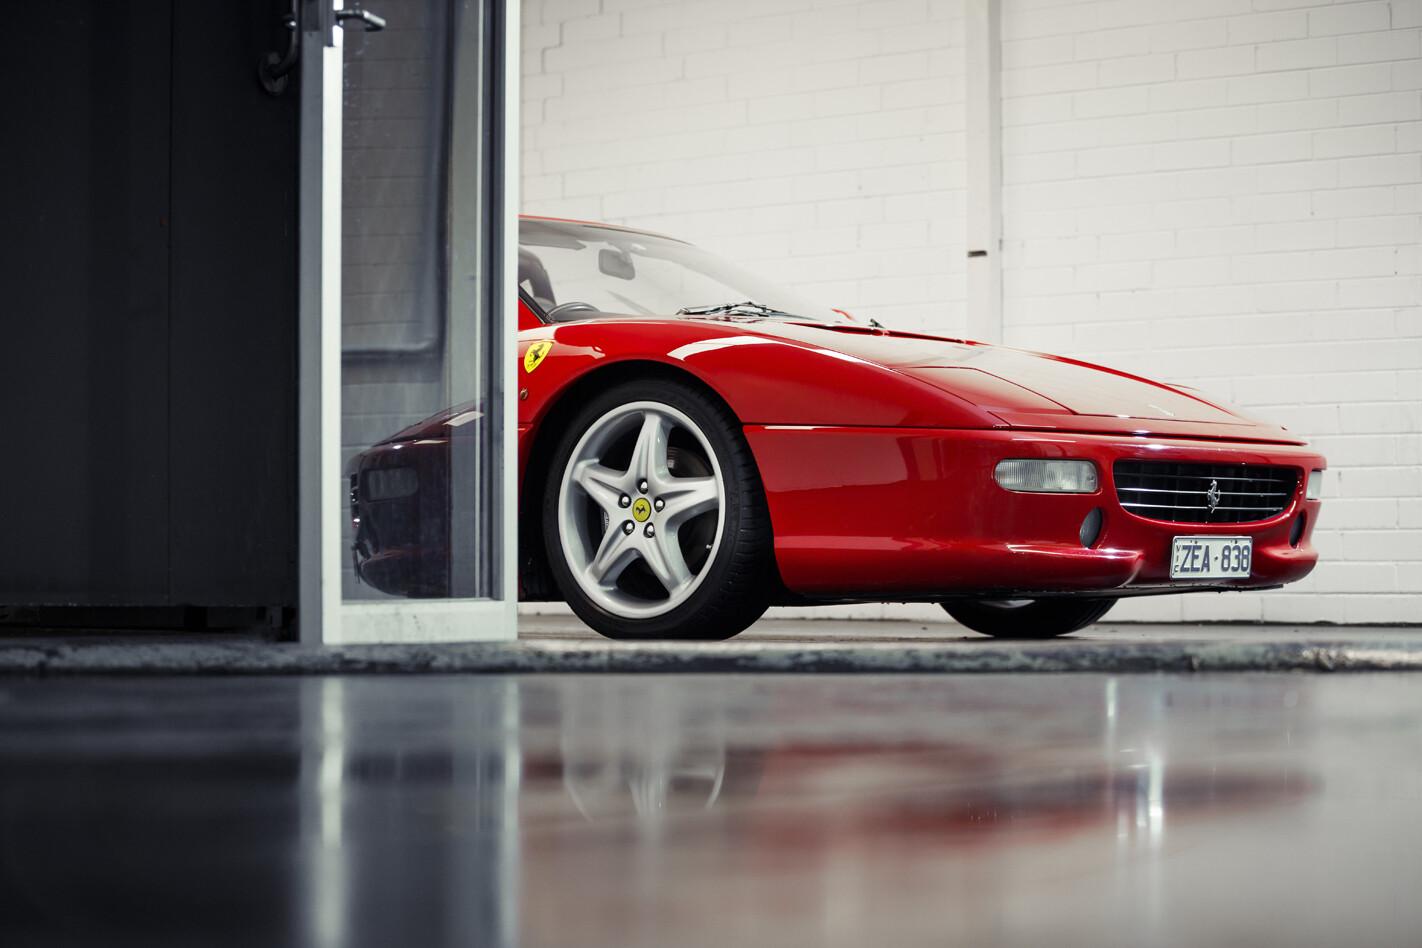 Ferrari F355 GTS nose